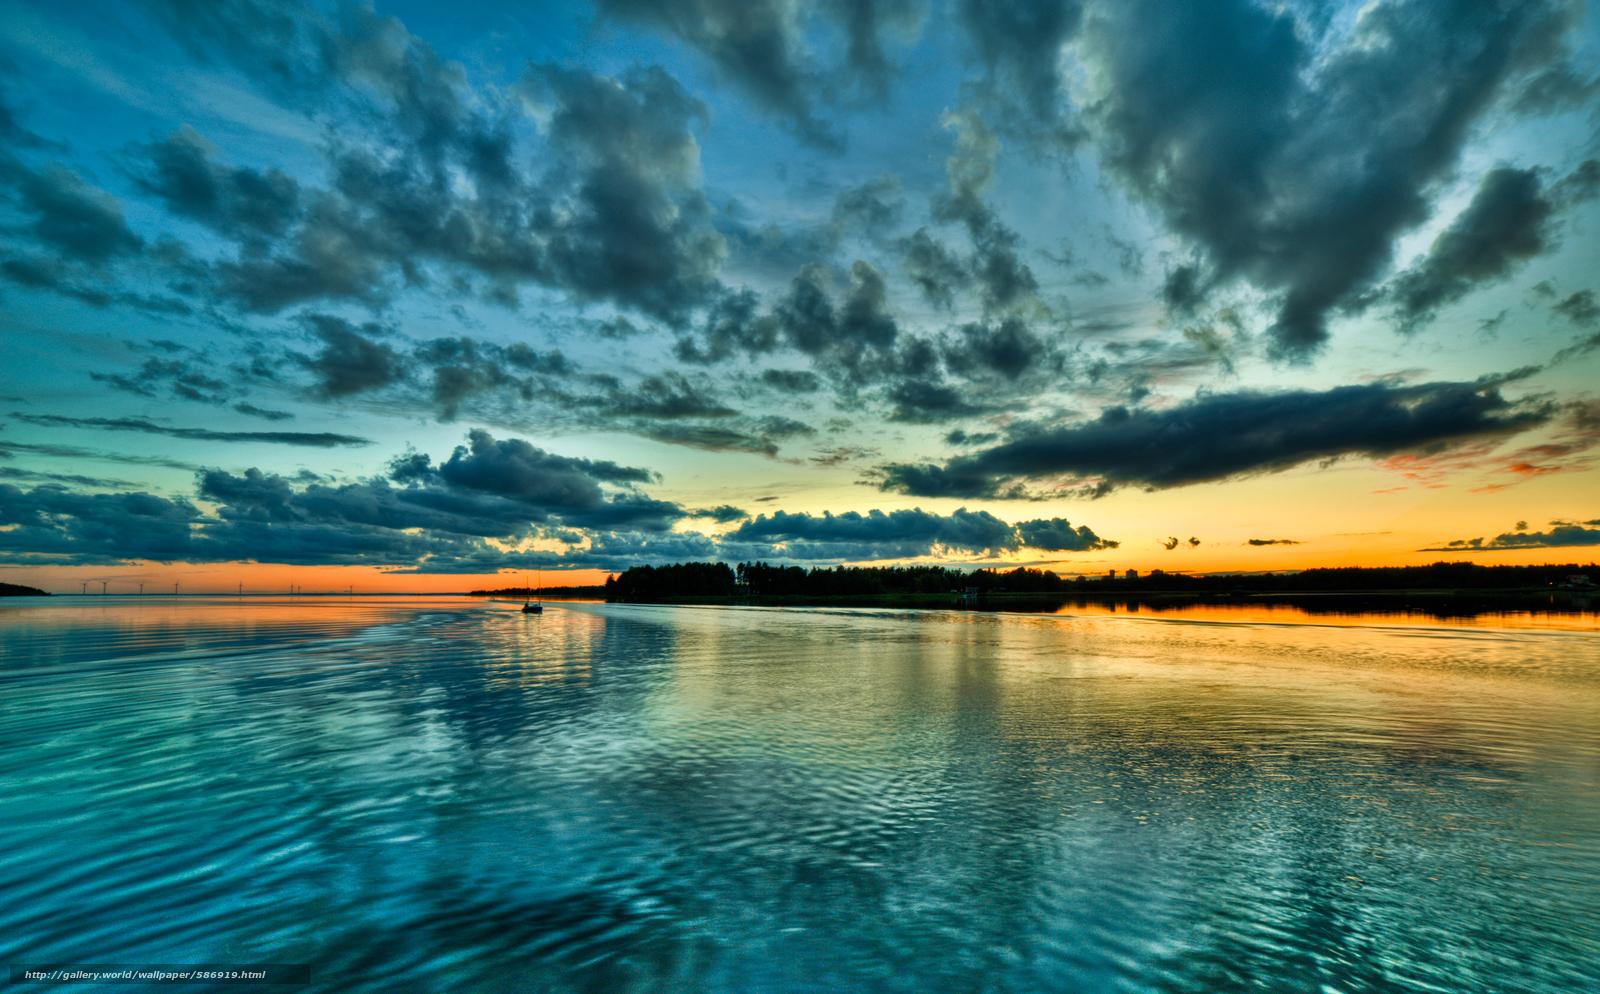 下载壁纸 天空, 船, 海湾, 云 免费为您的桌面分辨率的壁纸 4034x2506